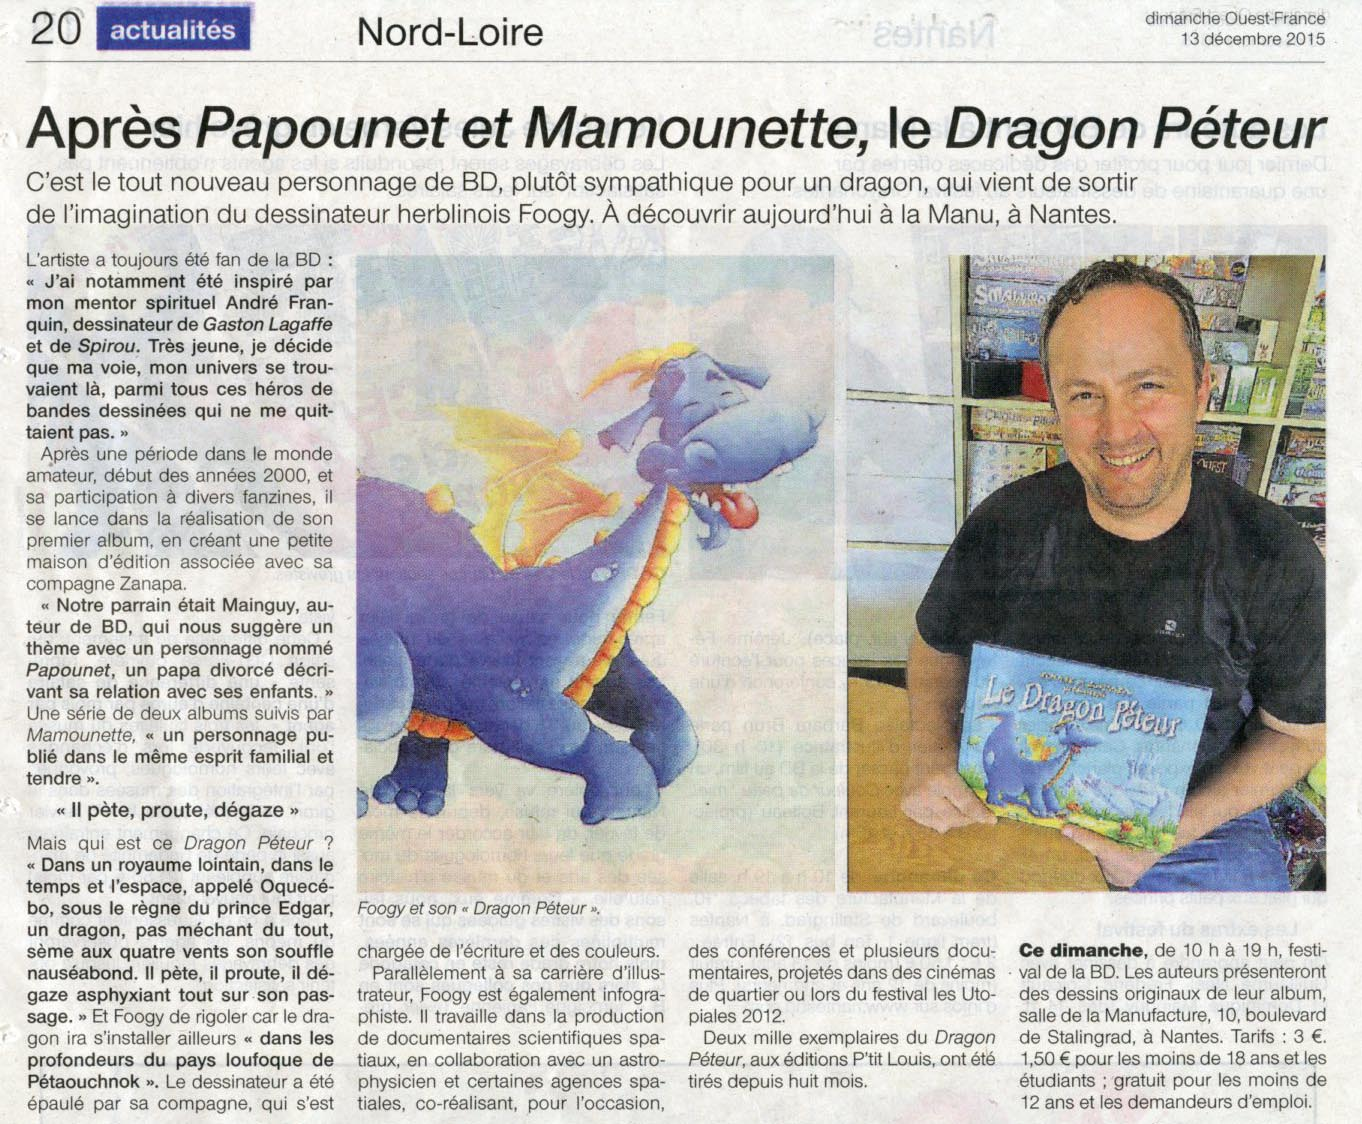 article dragon péteur